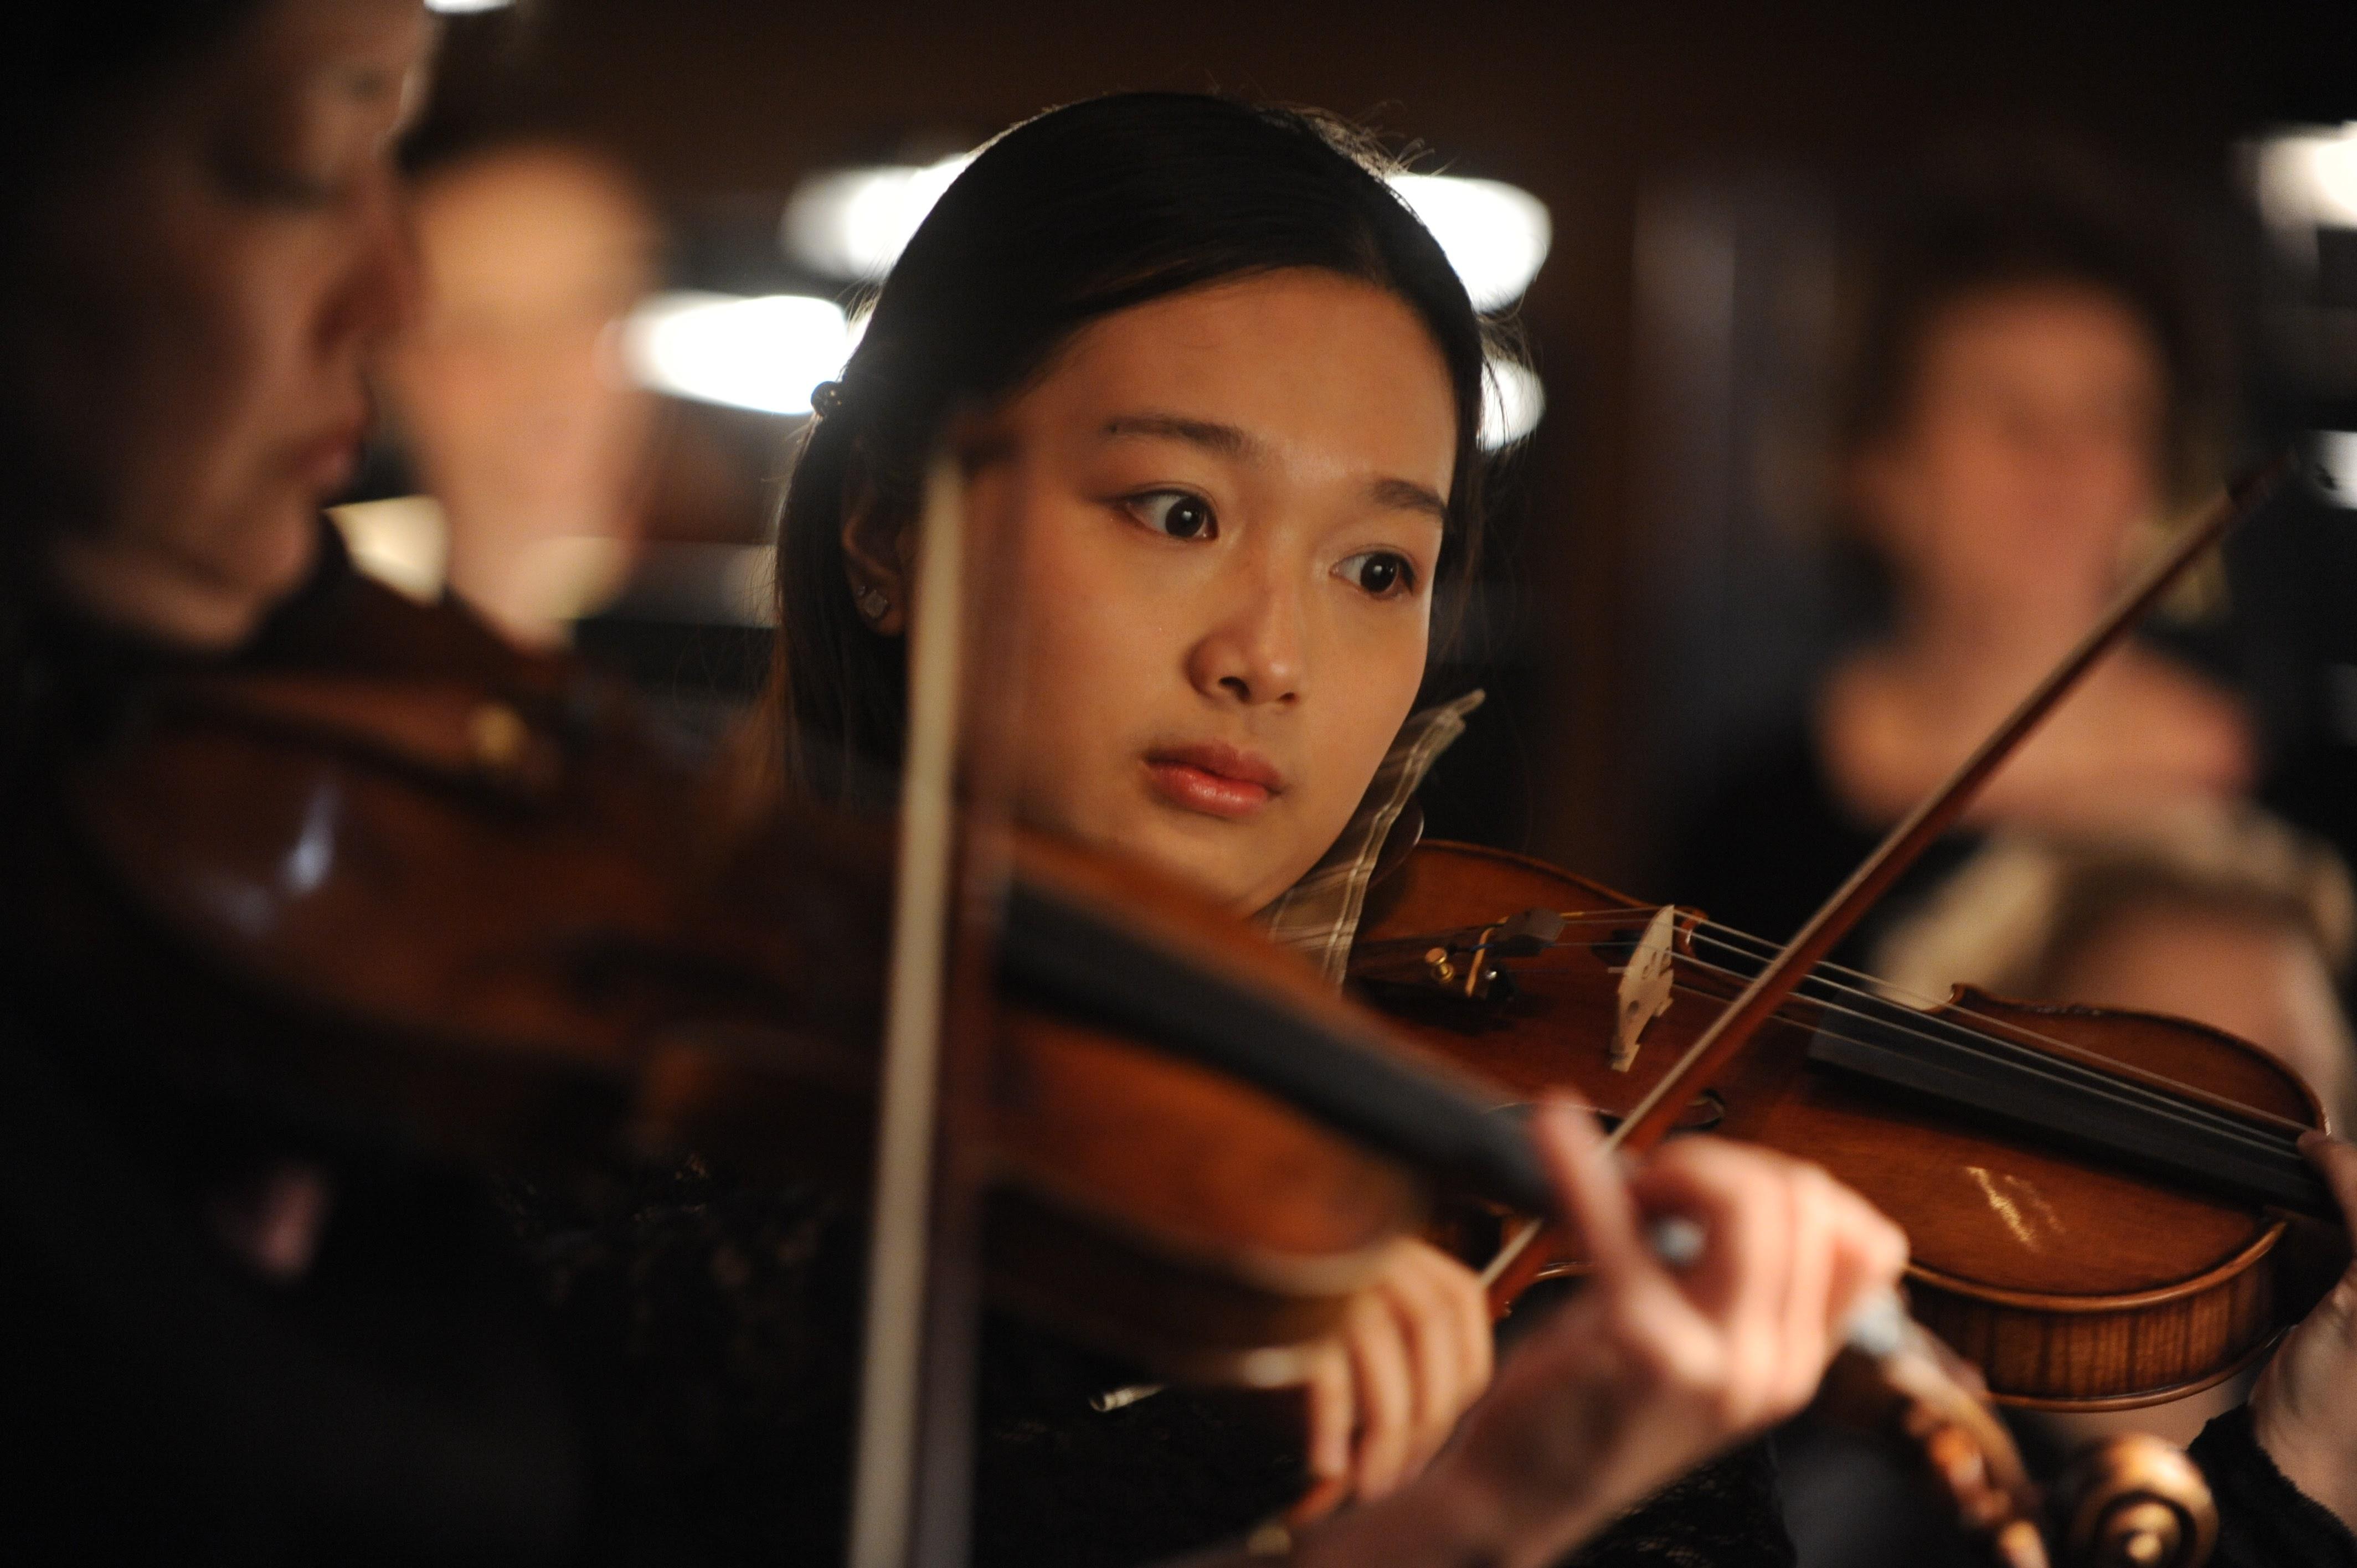 [Degree Recital: Shuang Yang, violin]